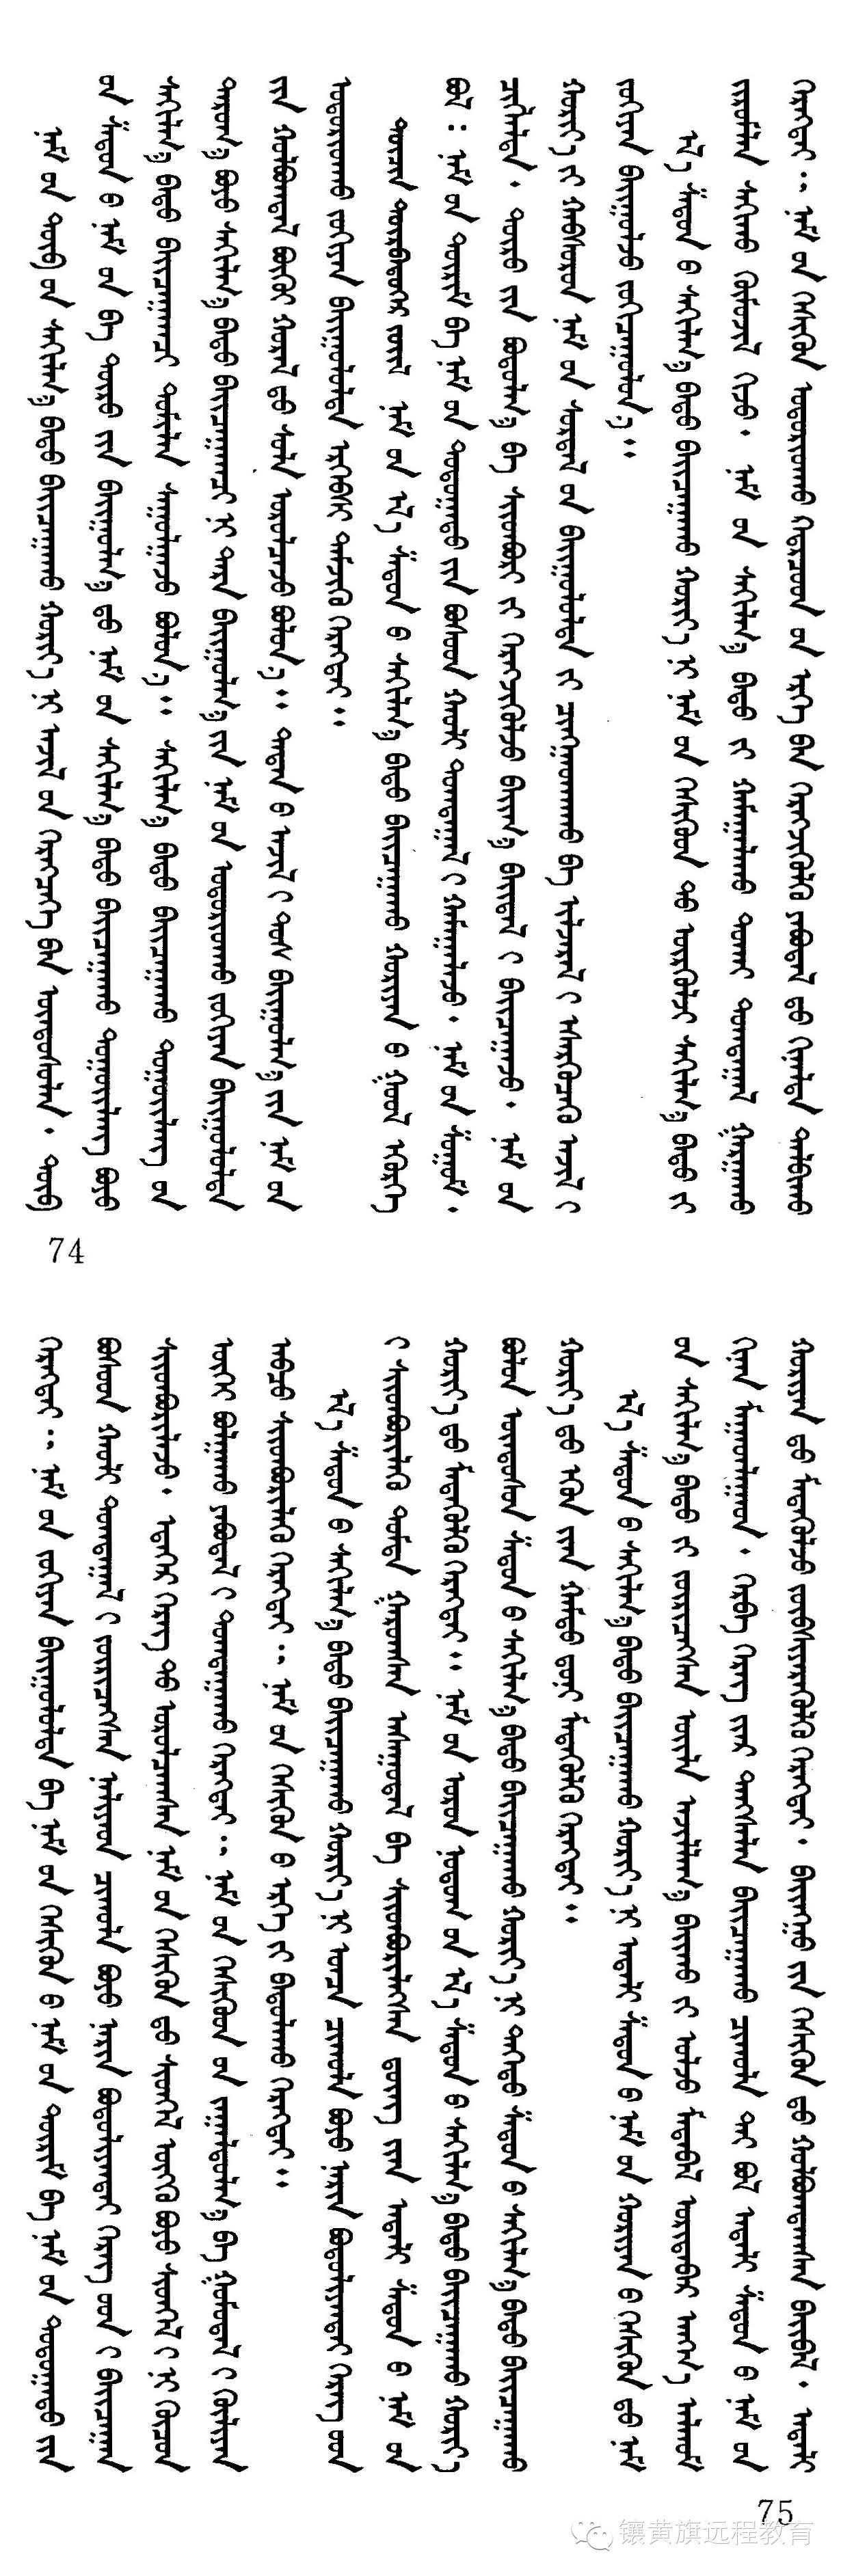 【两学一做材料】蒙文版《党章》 第23张 【两学一做材料】蒙文版《党章》 蒙古文库